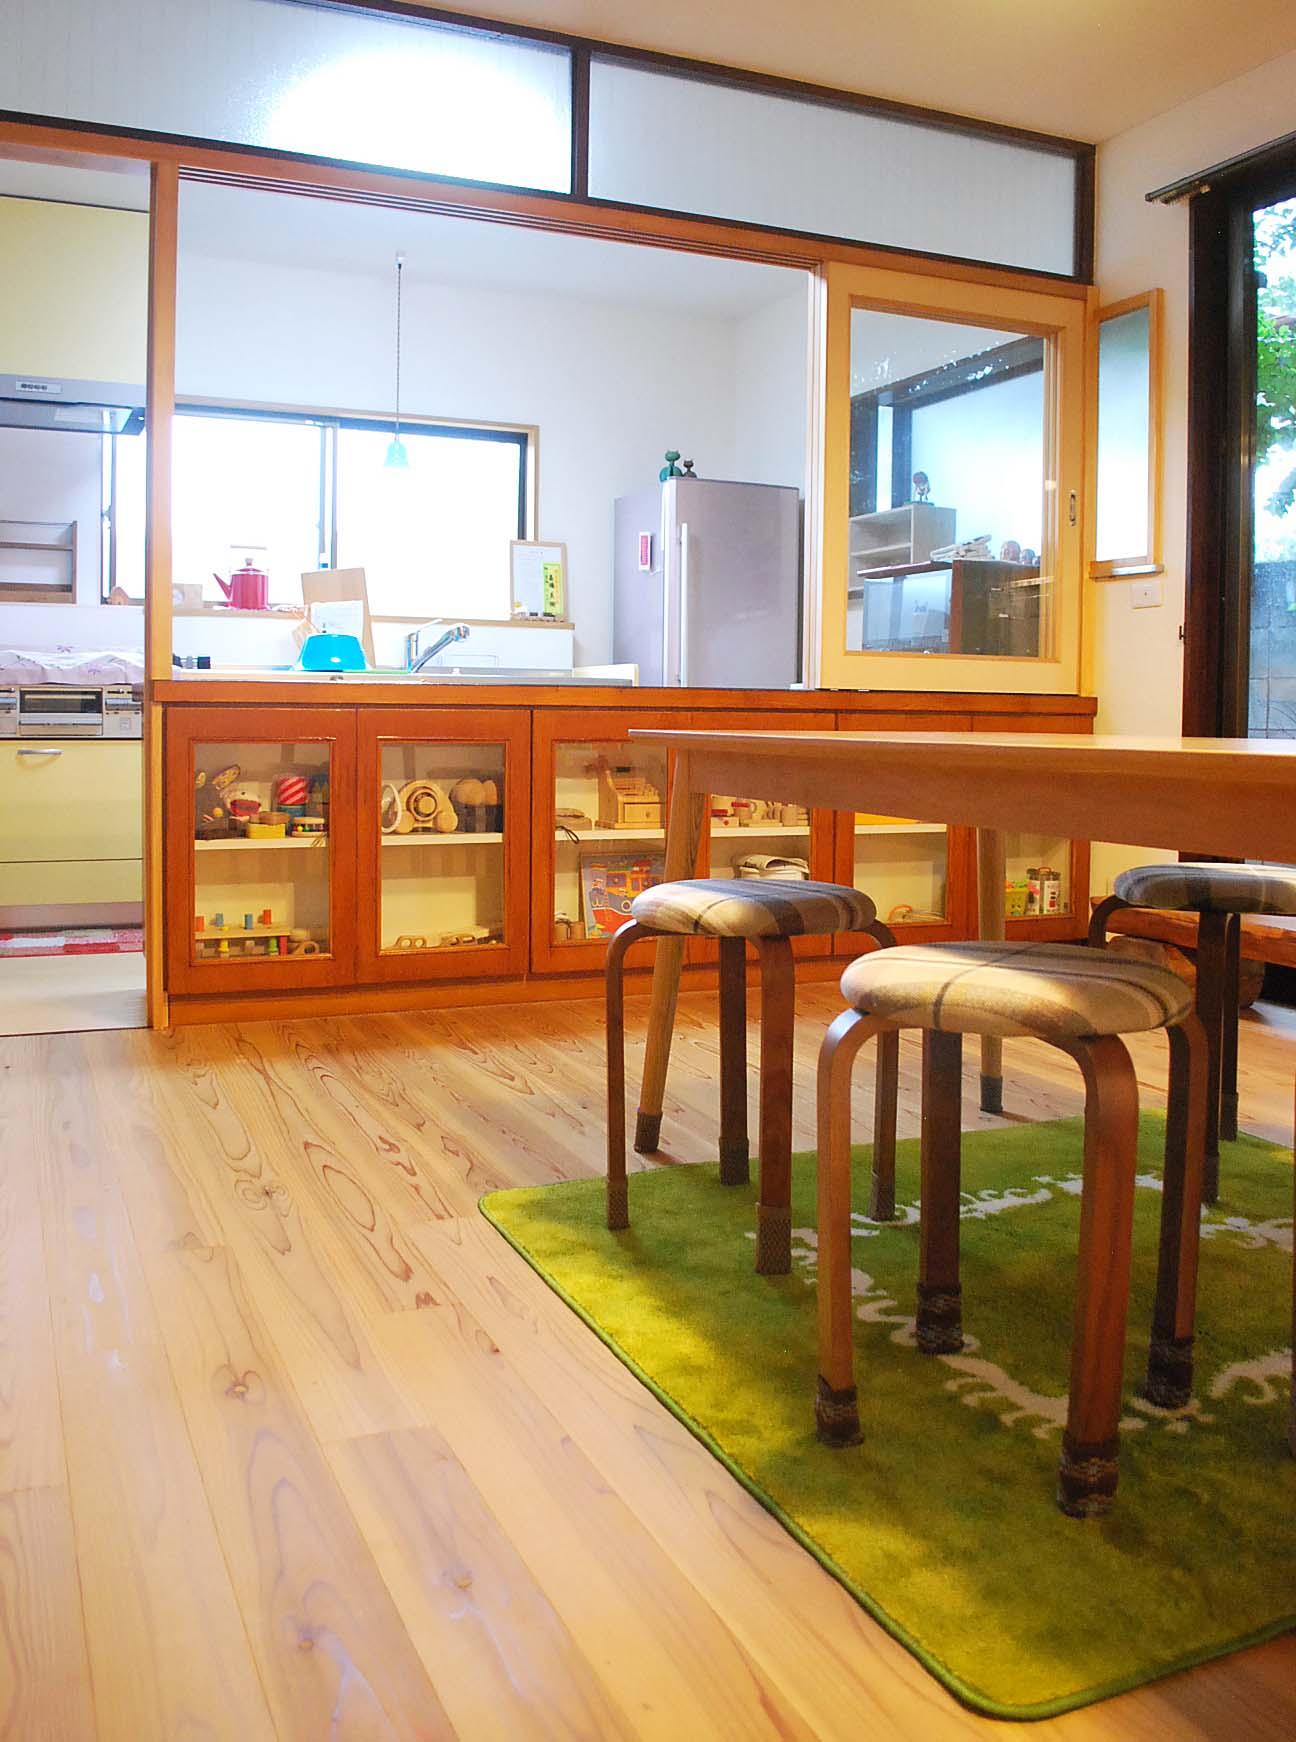 かばんねこのレンタルスペース&キッチン(保健所の菓子製造許可・飲食店営業許可あり)